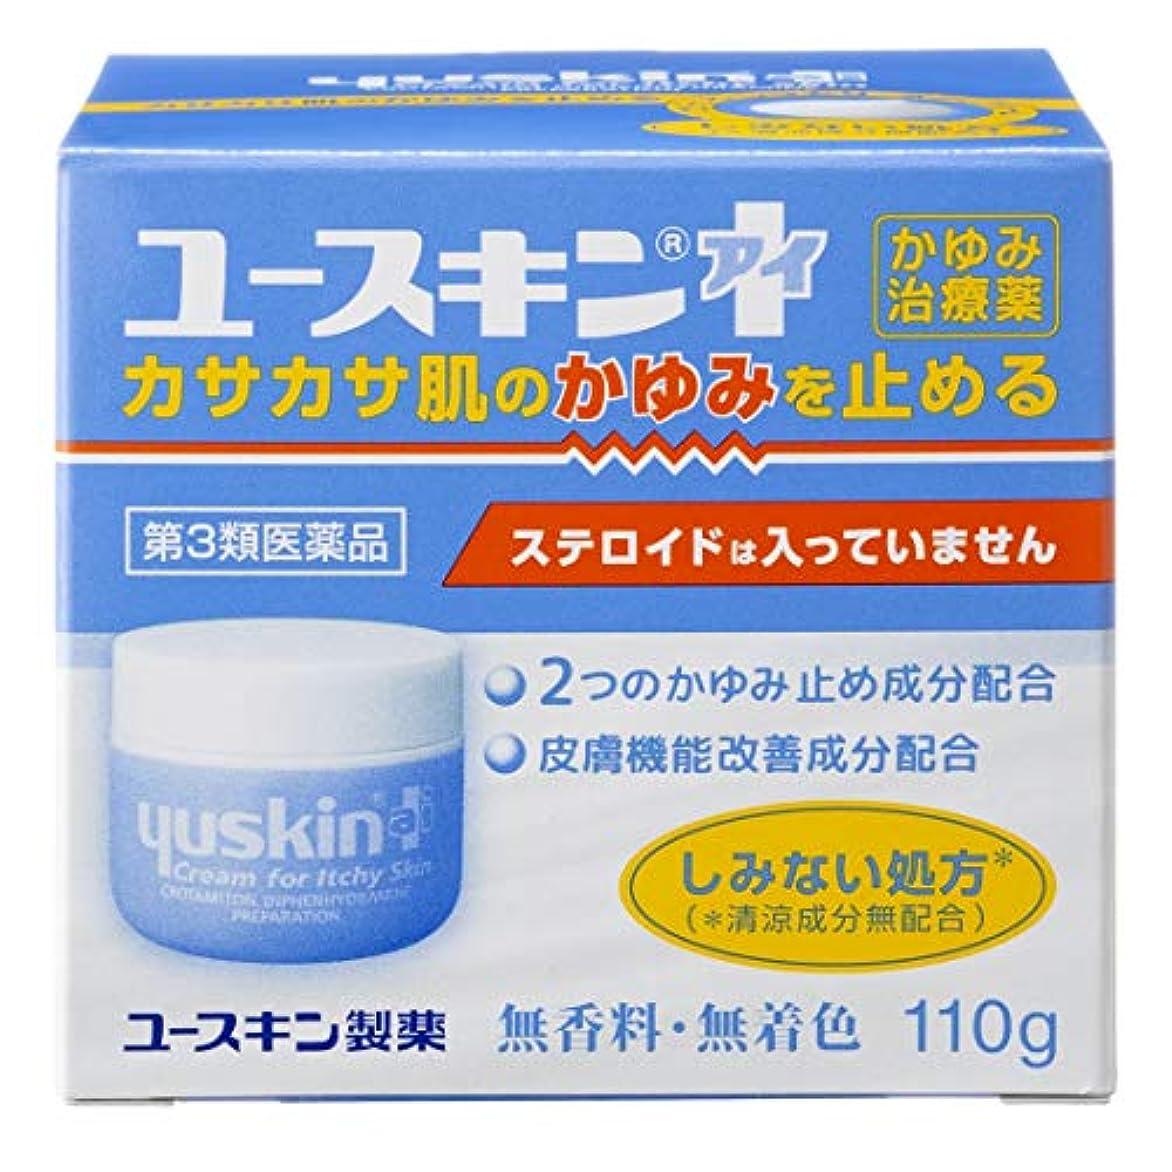 シーサイド新しさ無し【第3類医薬品】ユースキンI 110g